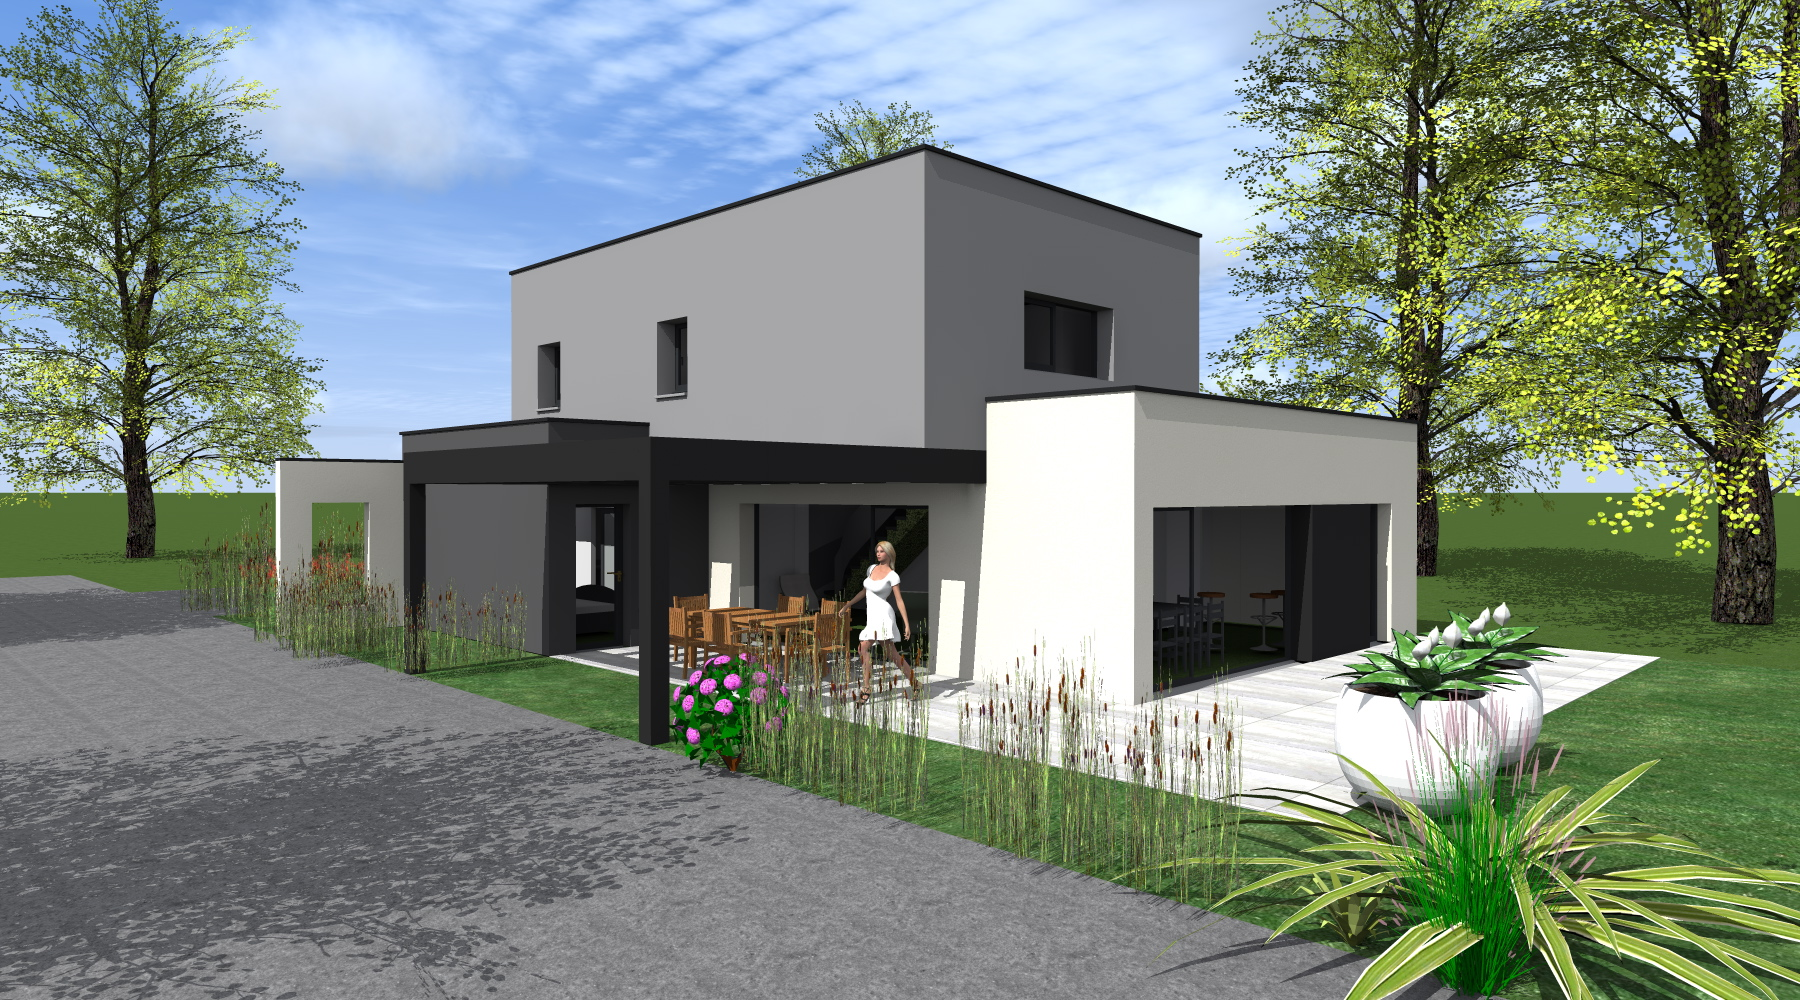 Constructeur Maison Neuve Ille Et Vilaine maison neuve rt 2012 - 1.2 vue – architecte / lise roturier